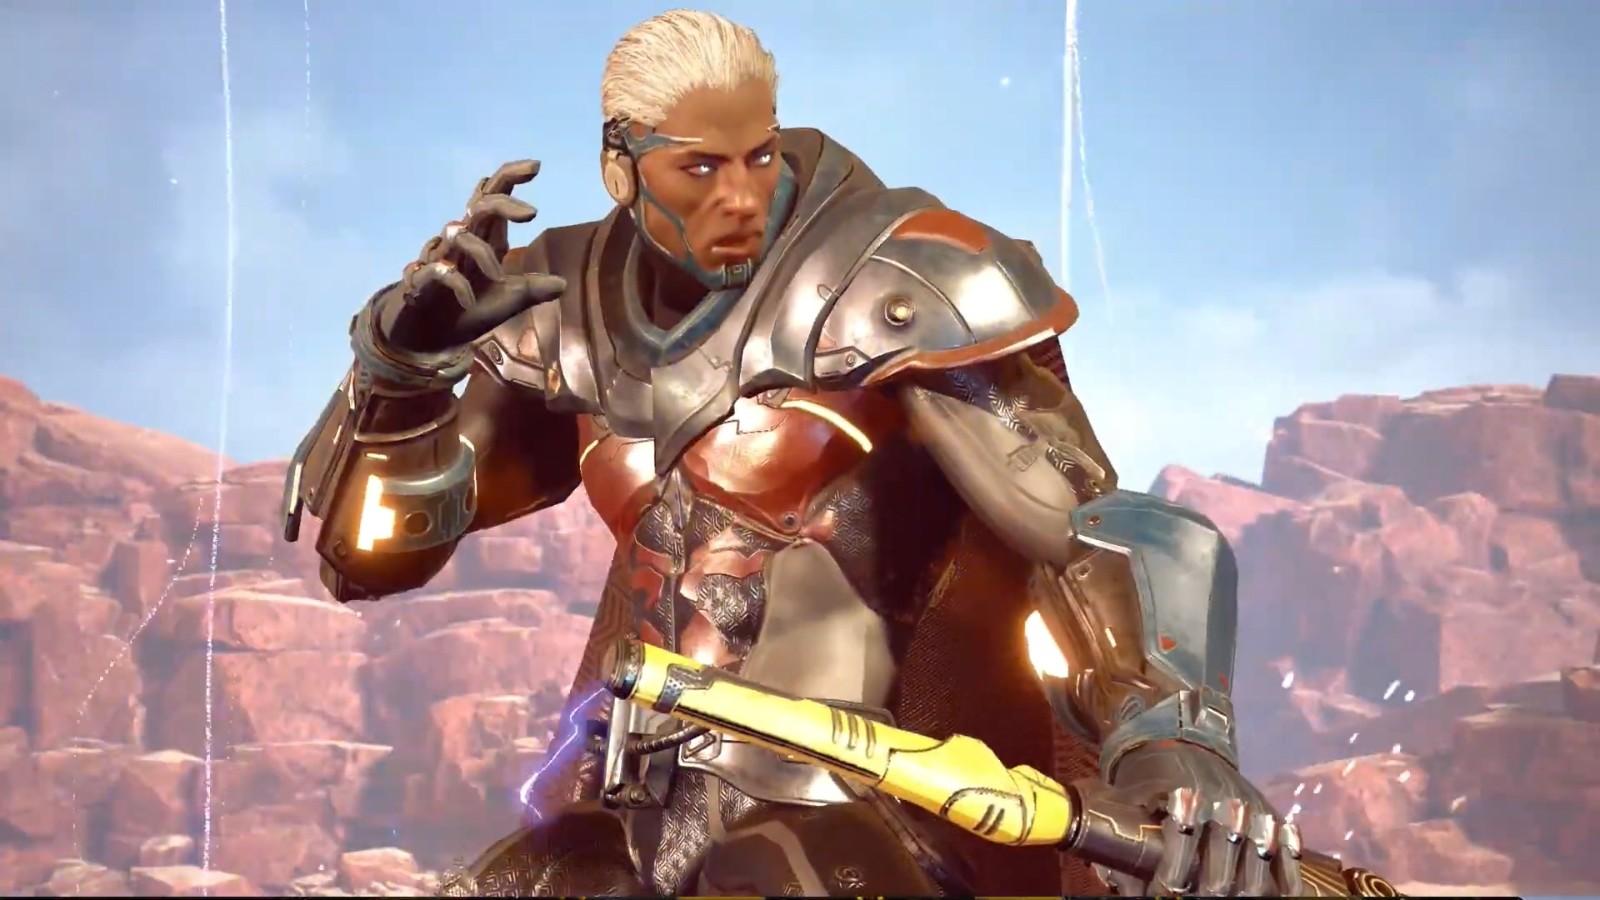 次世代格斗游戏《Coreupt》新预告公开 将亮相E3展会